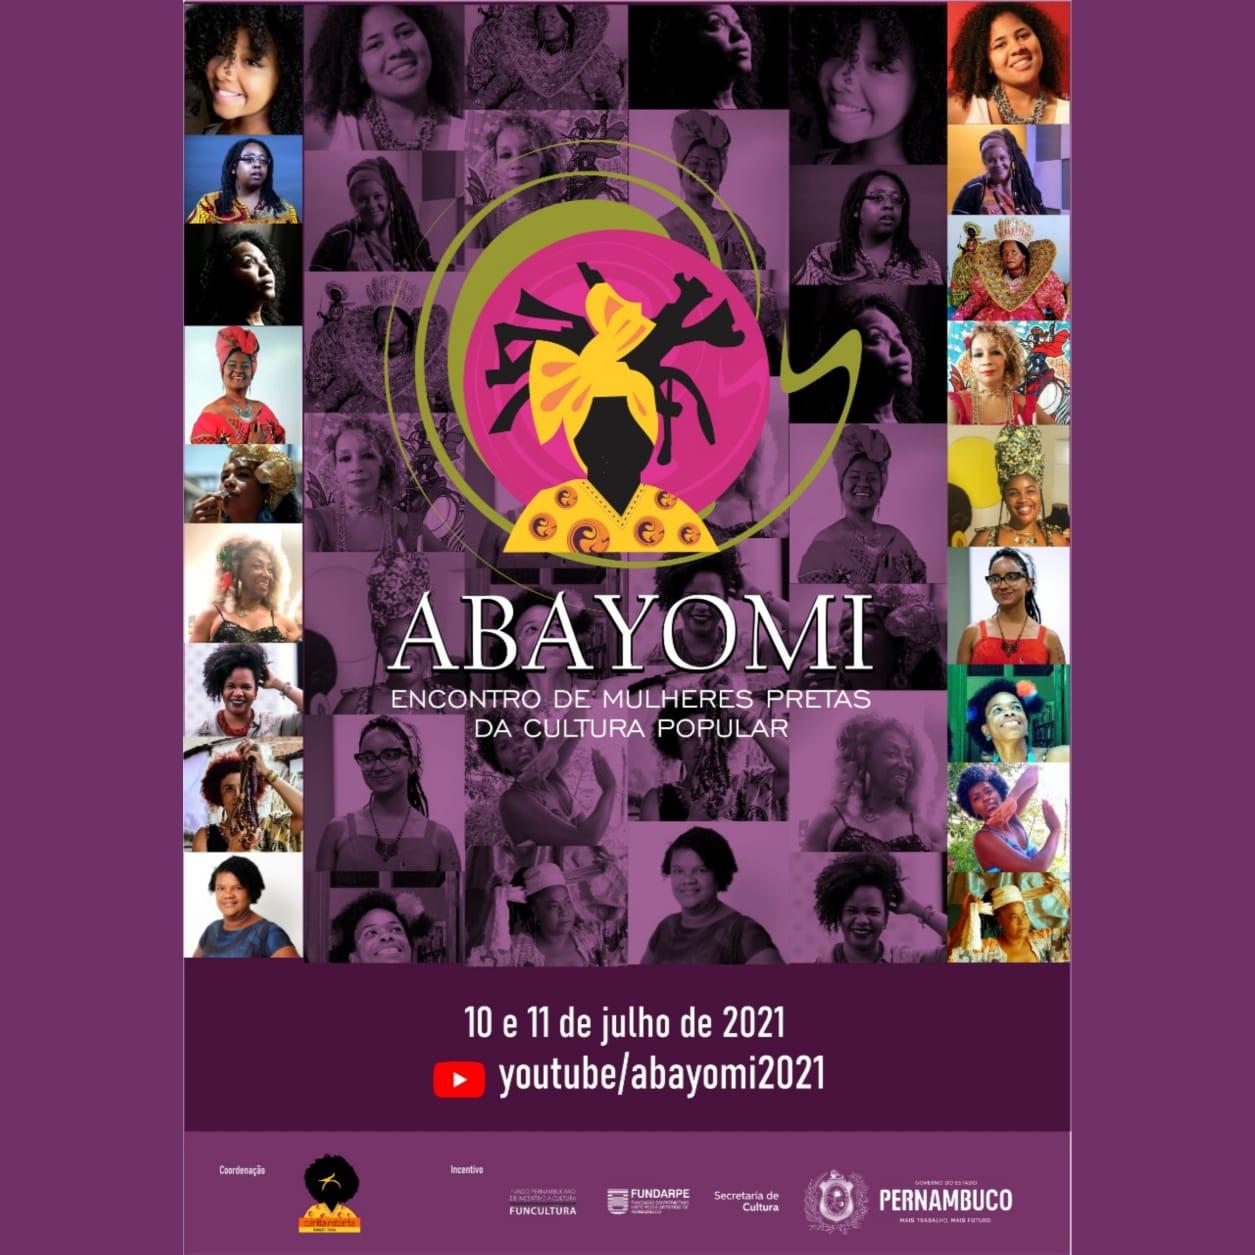 Abayomi realiza encontro virtual com mulheres pretas da cultura popular e lideranças feministas do Brasil